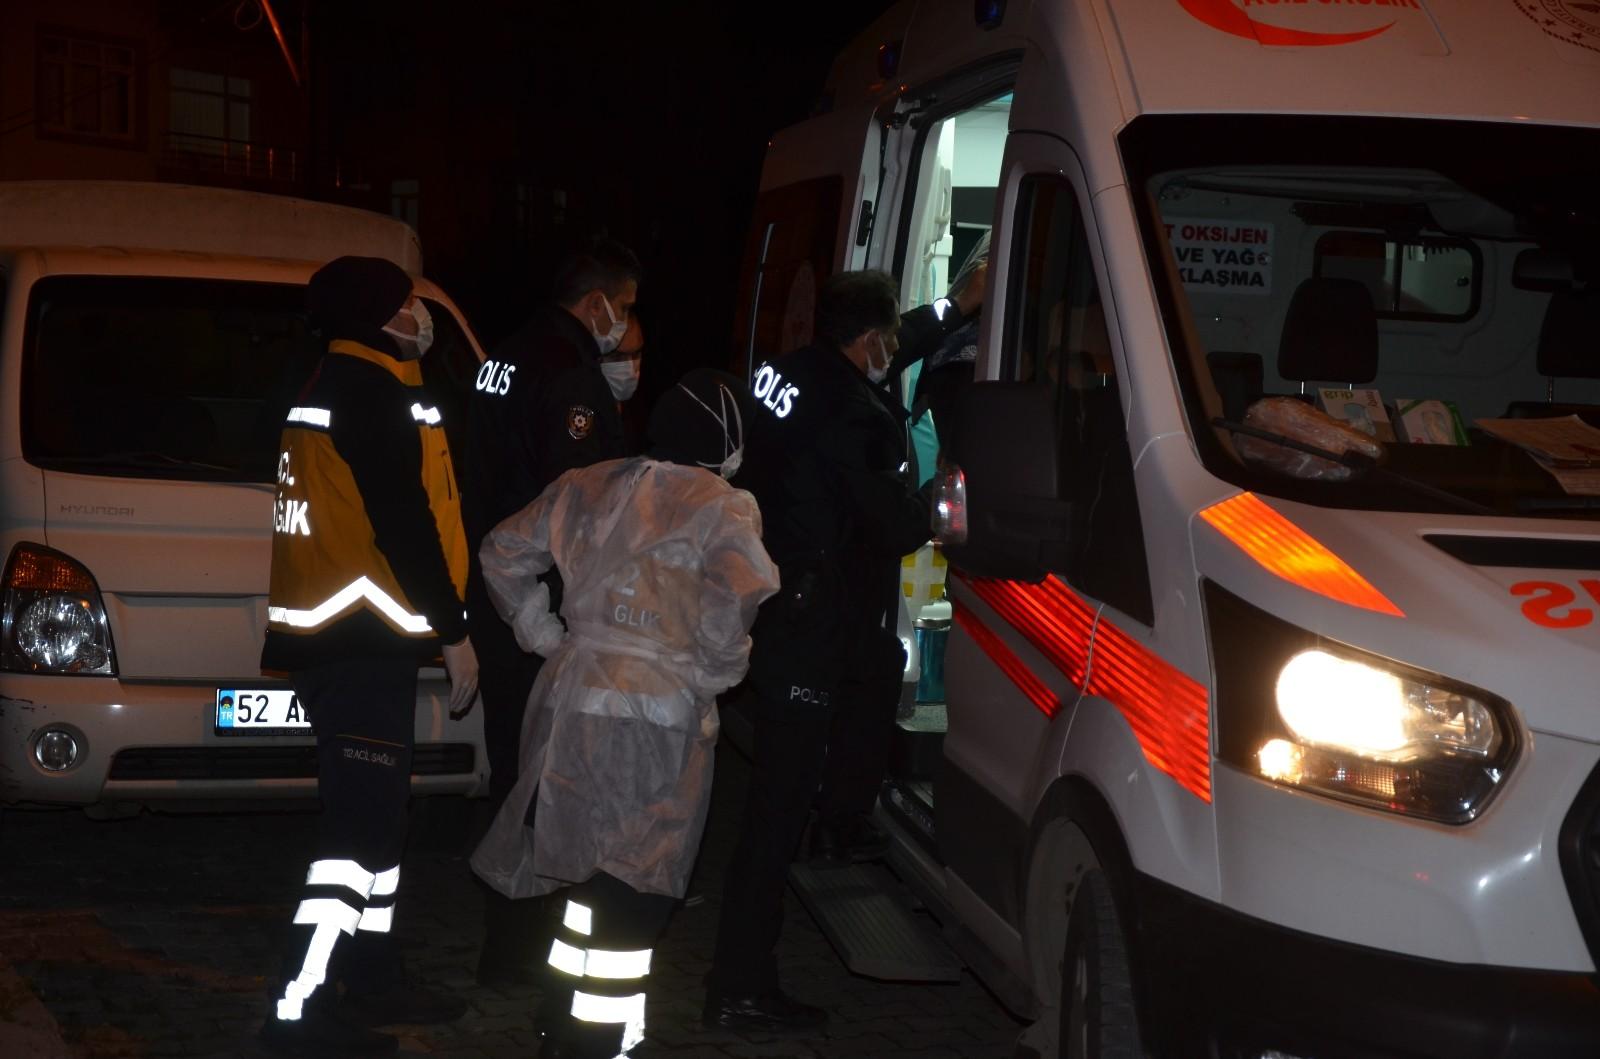 Ordu'da 2 kişinin saldırısına uğrayan genç yaralandı